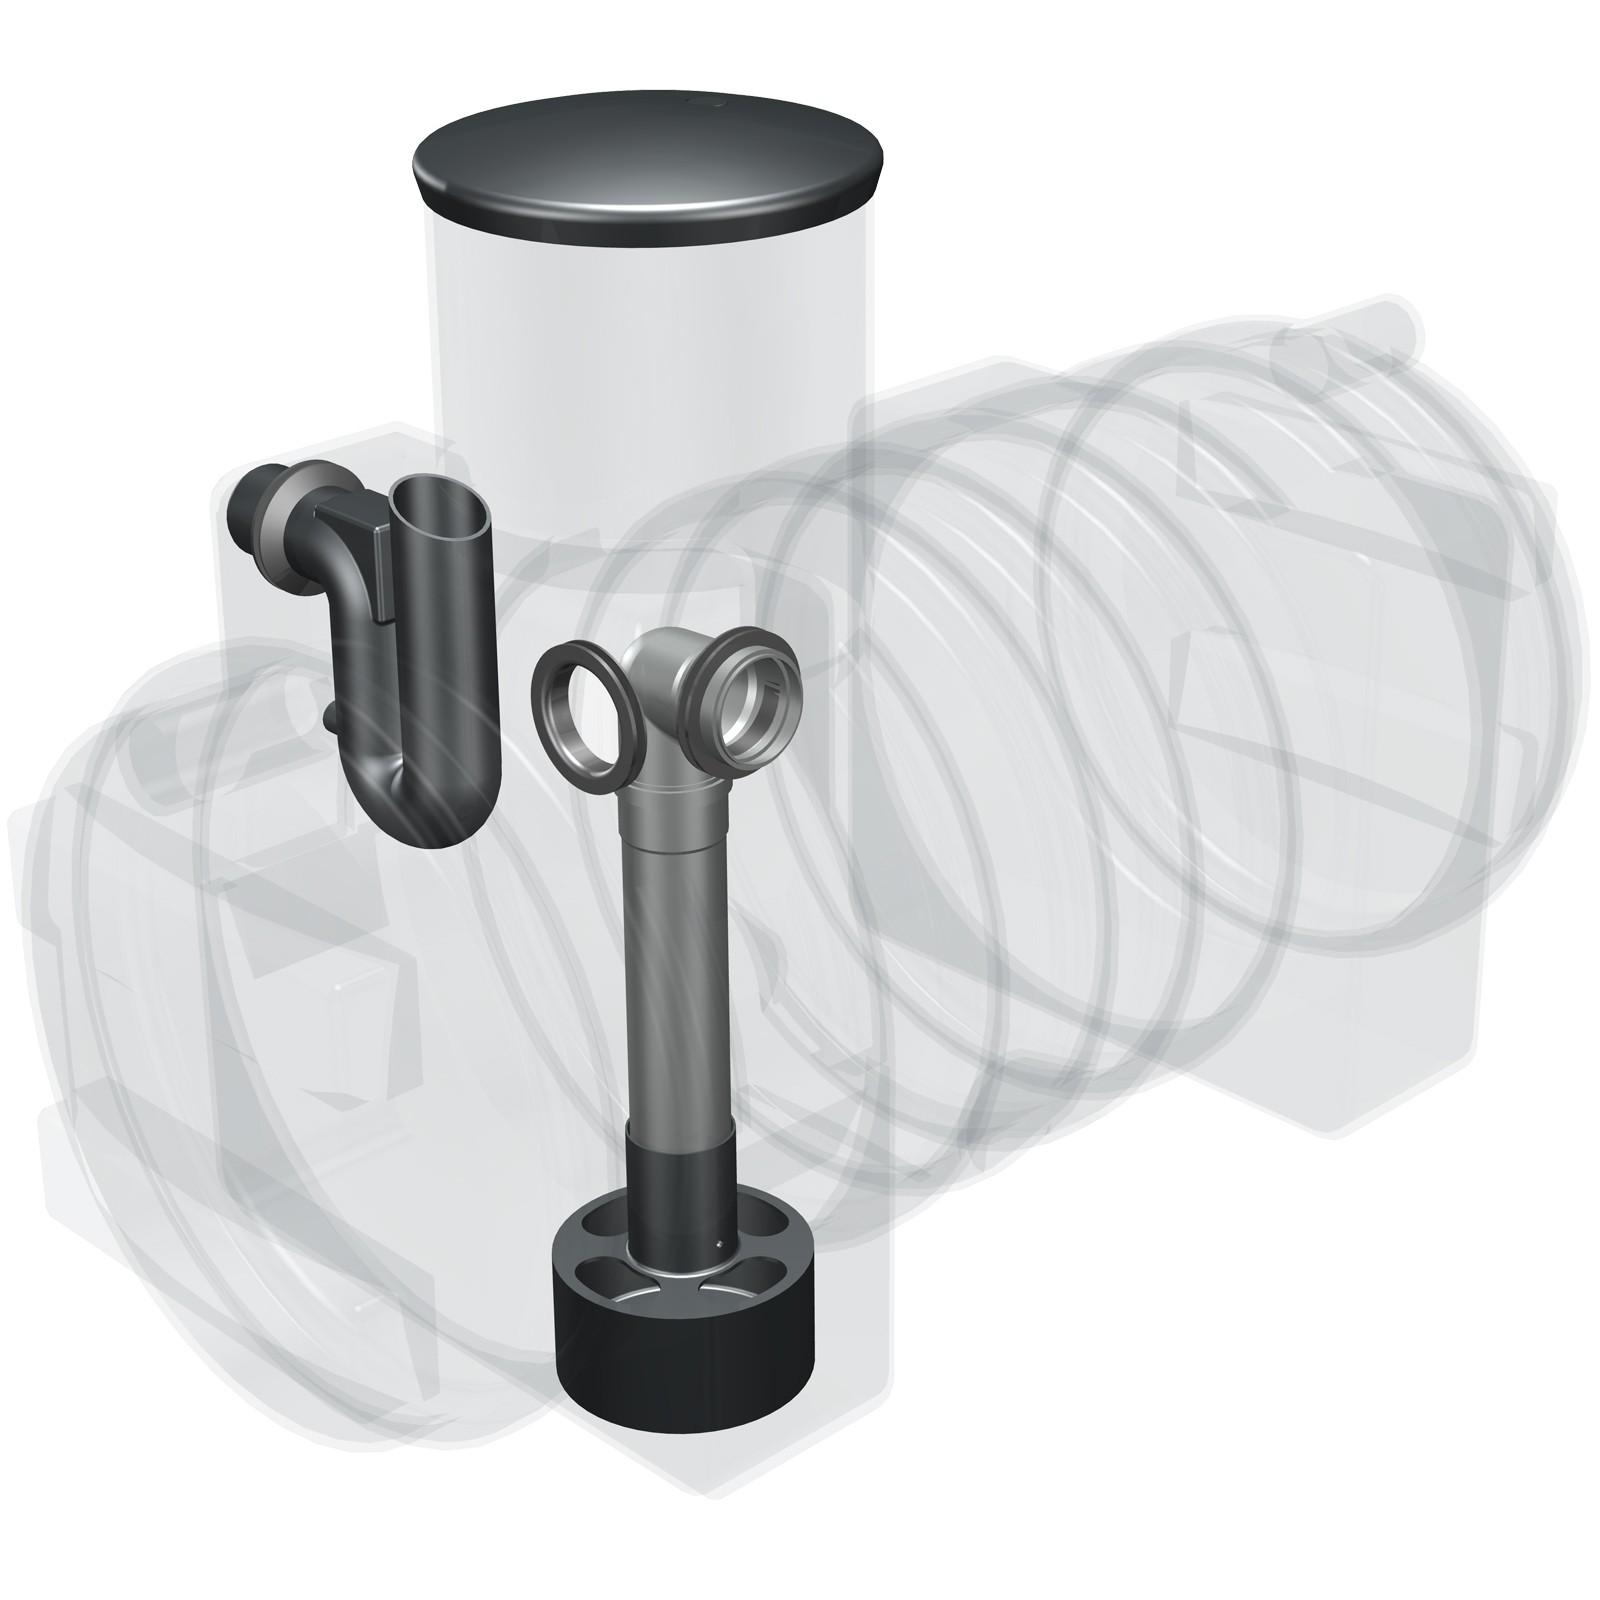 zisterne erdtank set l zisterne with zisterne zisterne. Black Bedroom Furniture Sets. Home Design Ideas